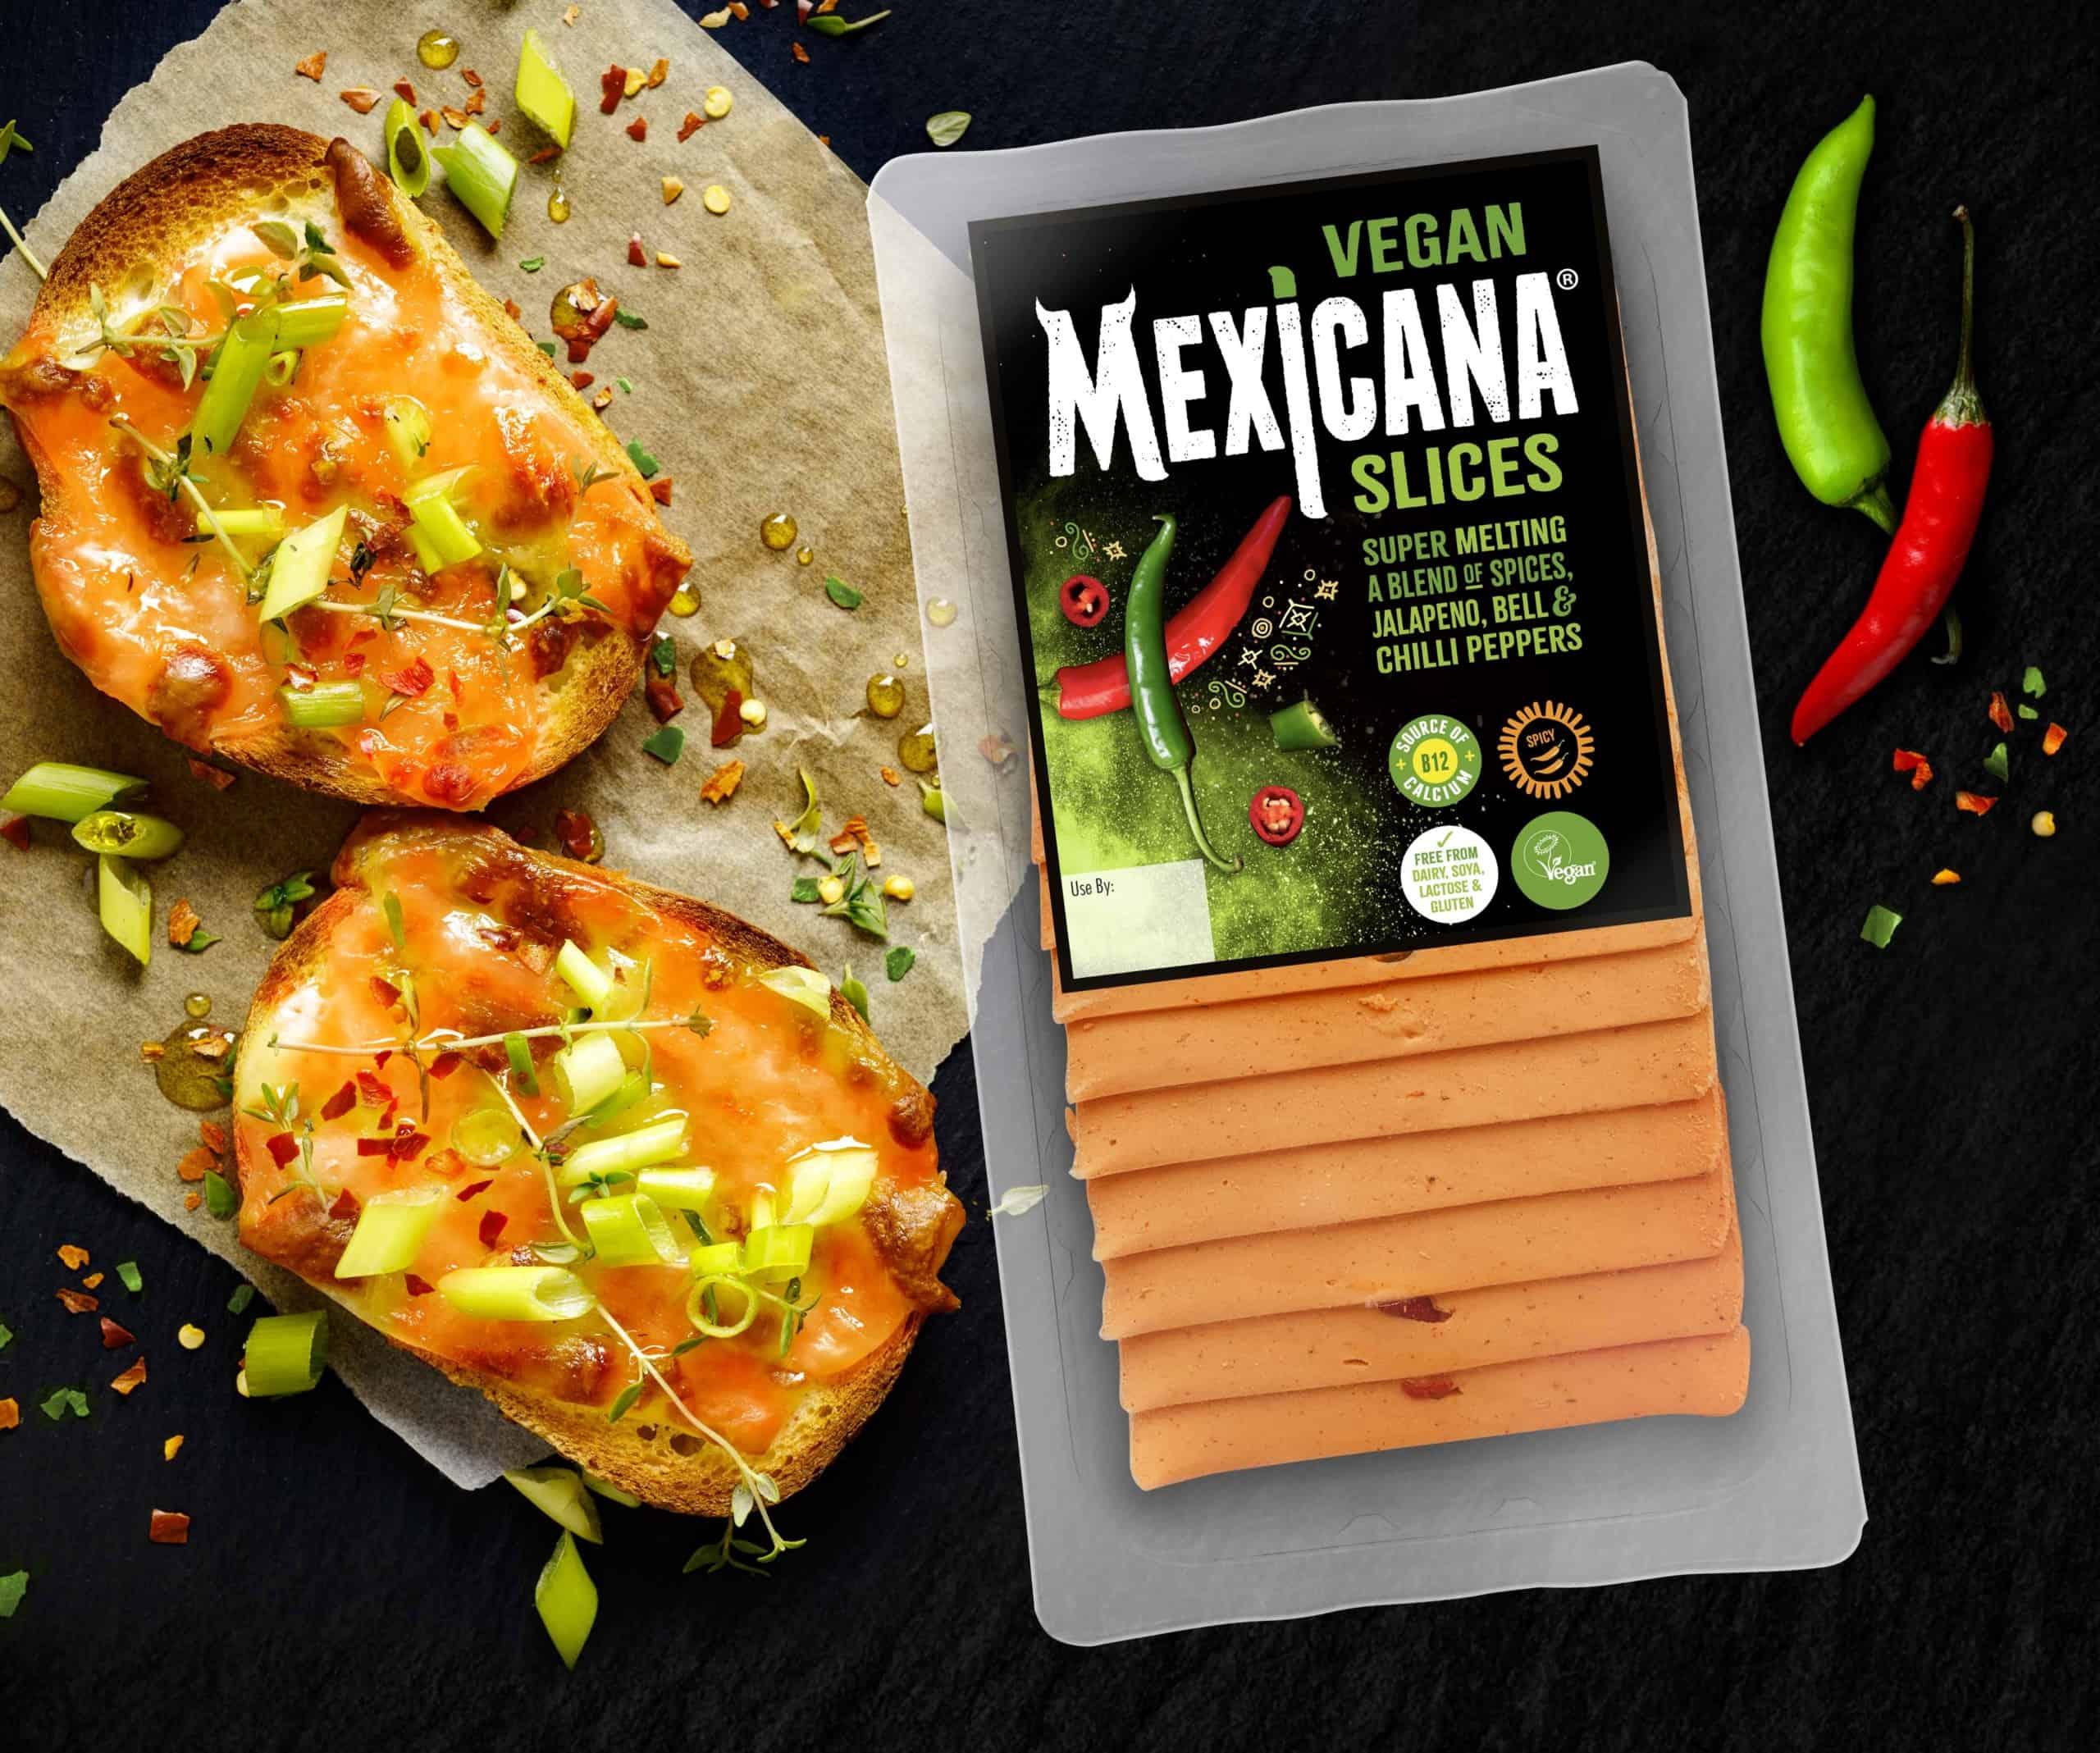 Norseland mexicana vegan tesco